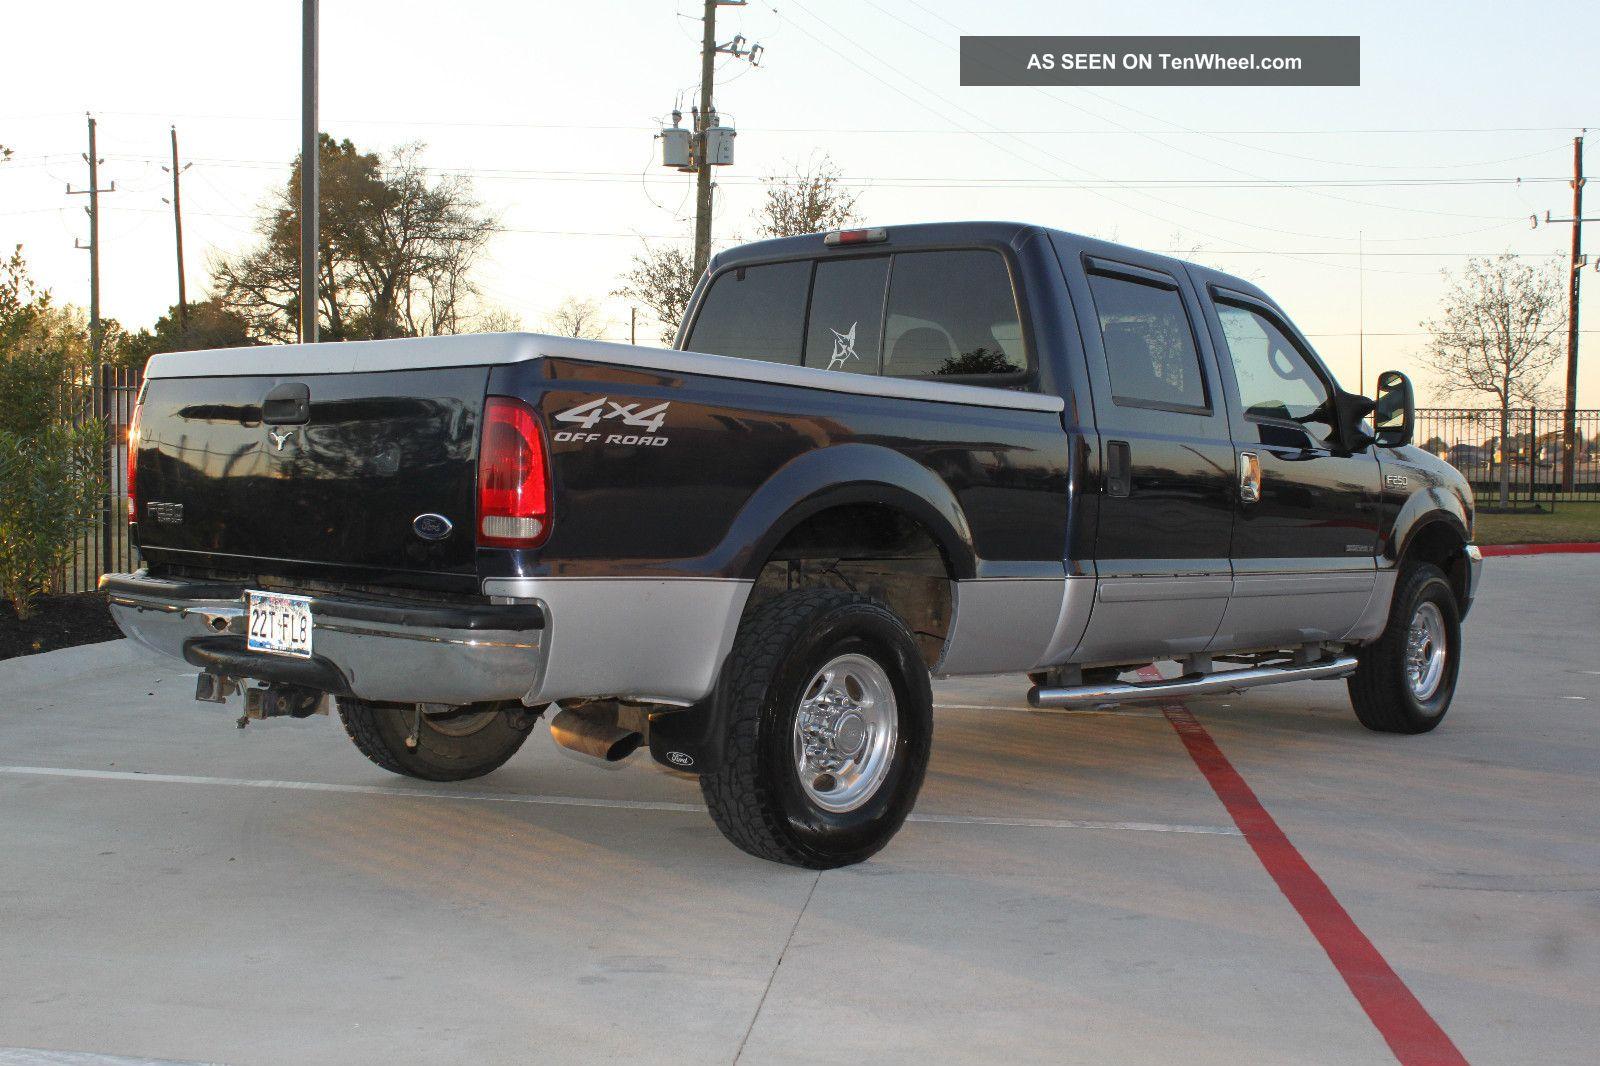 craigslist 4x4 mud bog trucks for sale in autos weblog. Black Bedroom Furniture Sets. Home Design Ideas